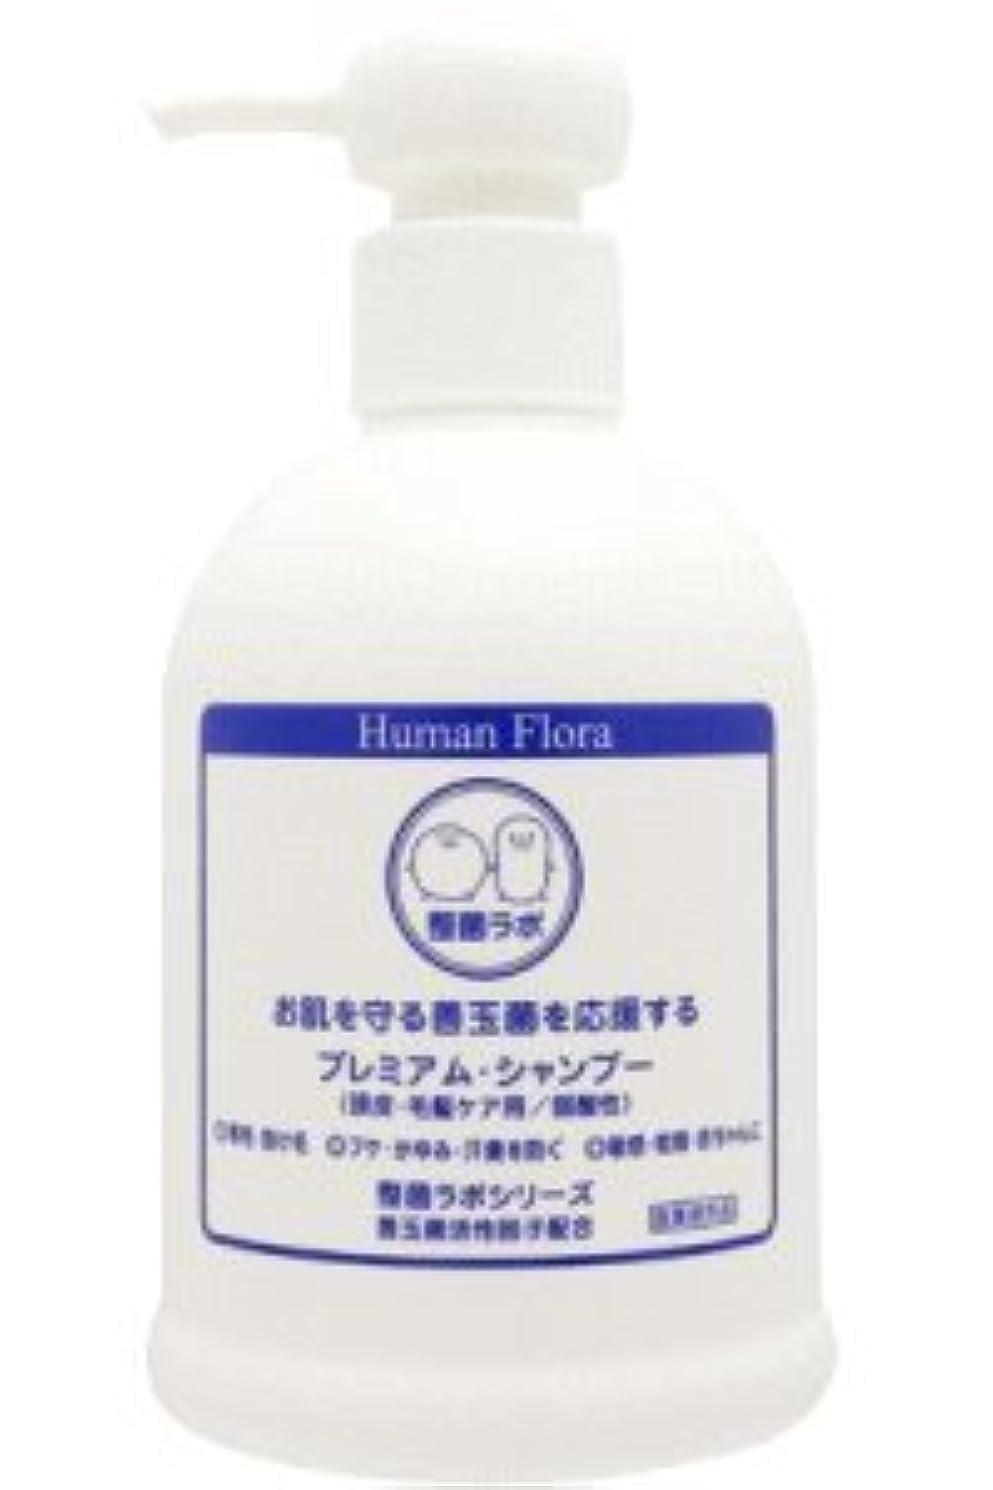 ヒューマンフローラ プレミアム シャンプー(医薬部外品)